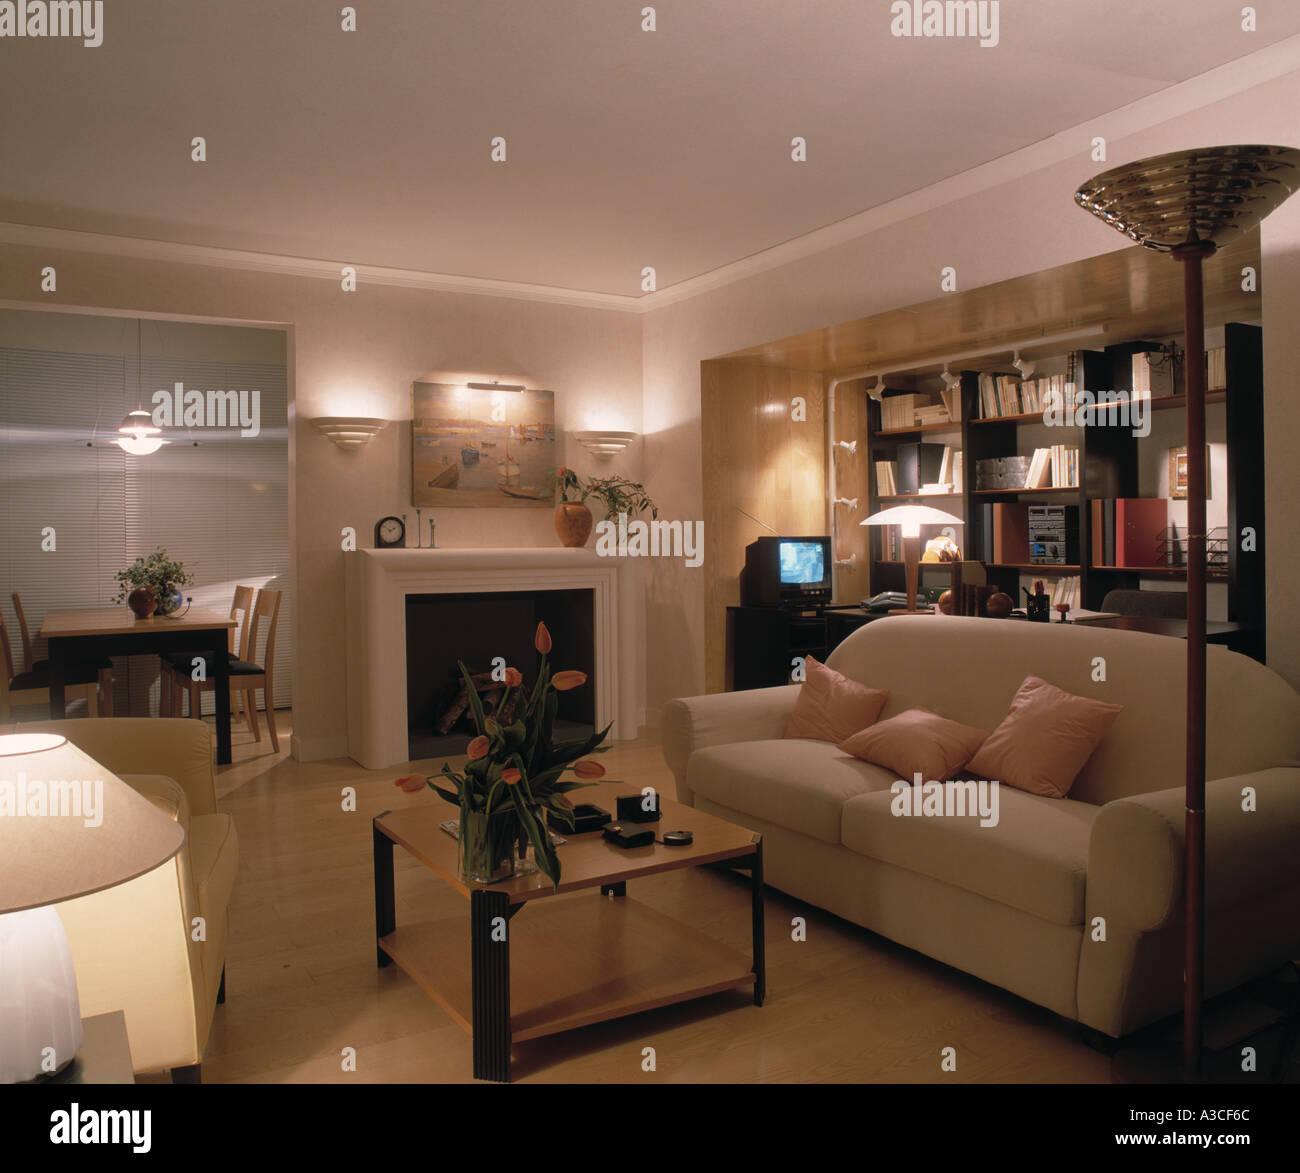 Divano color crema e lampade illuminate e luci a parete ...